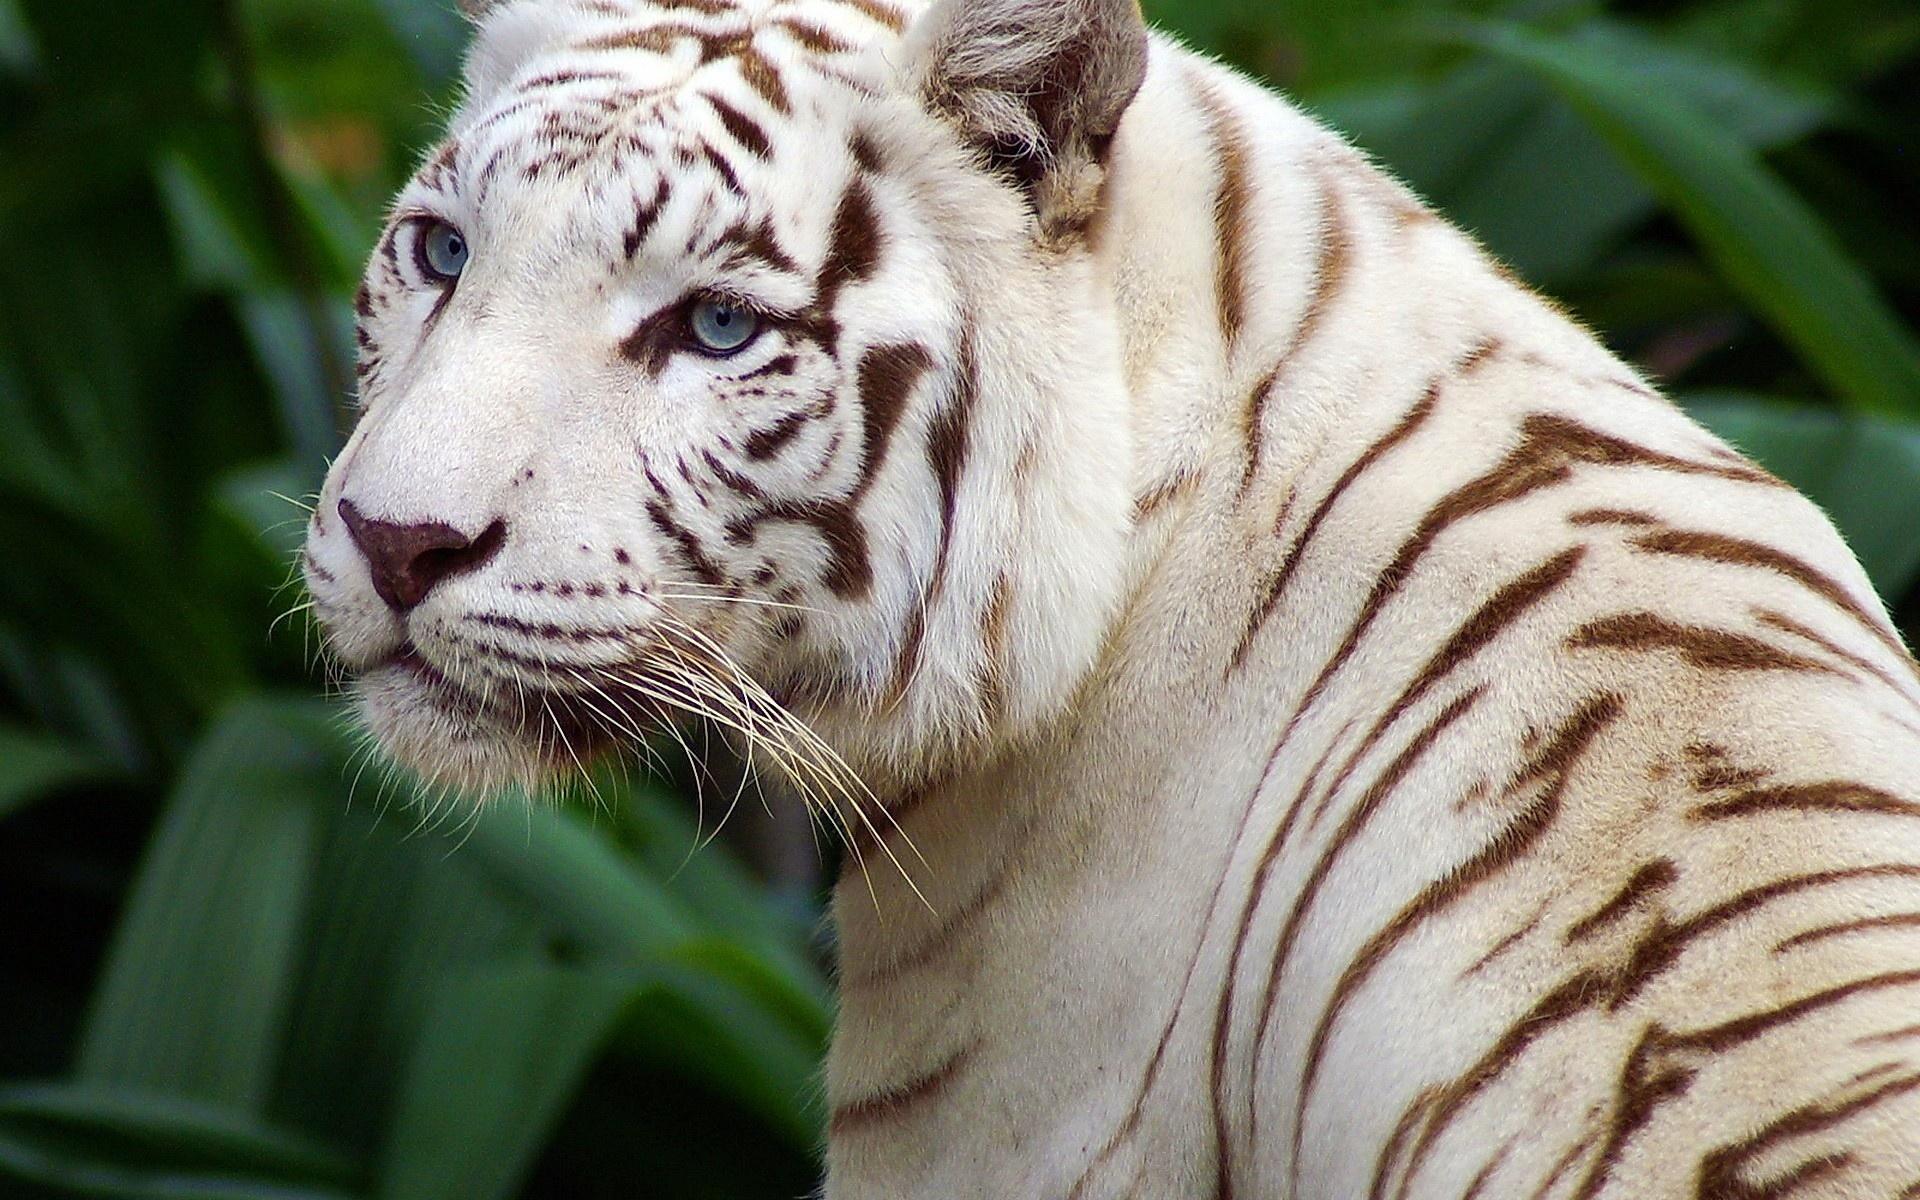 красивые картинки на стол тигры белые онкологическое заболевание